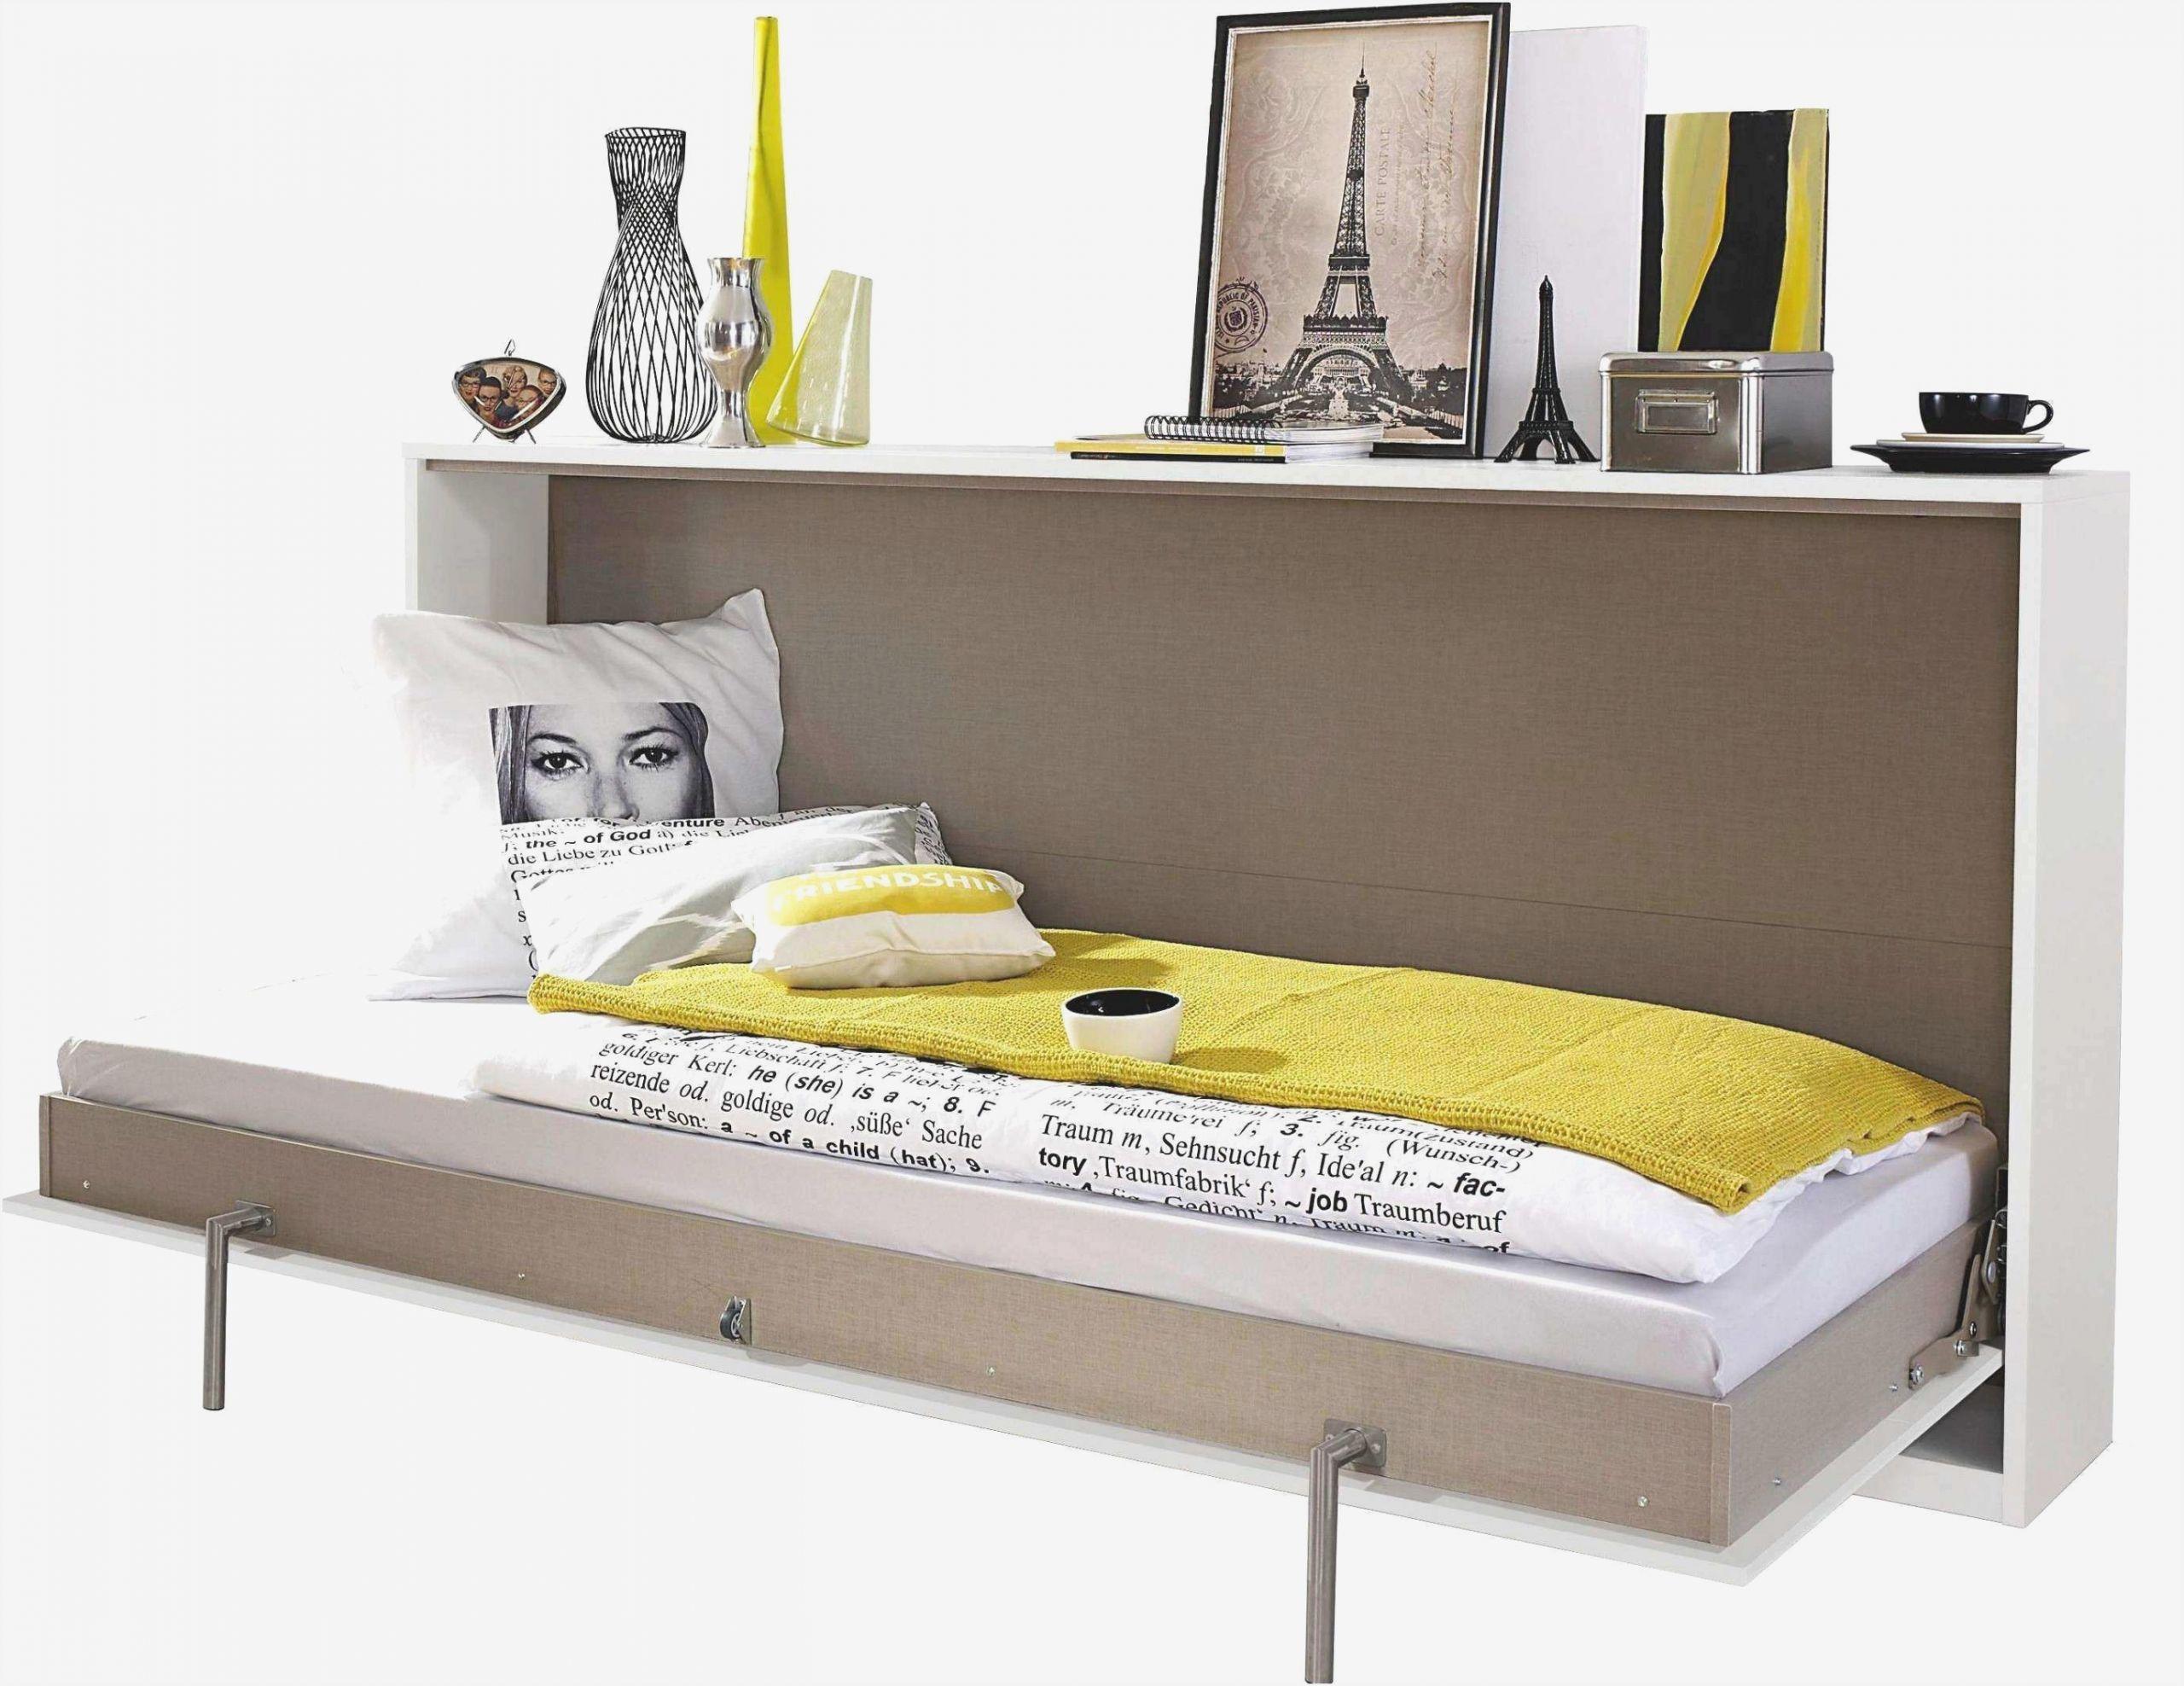 Full Size of Schlafzimmer Ikea Einrichten Traumhaus Dekoration Bett Stapelbar Breckle Betten Weiß Mit Schubladen 120x200 140 Meise Graues 160x200 Hülsta Coole Günstig Bett Japanisches Bett